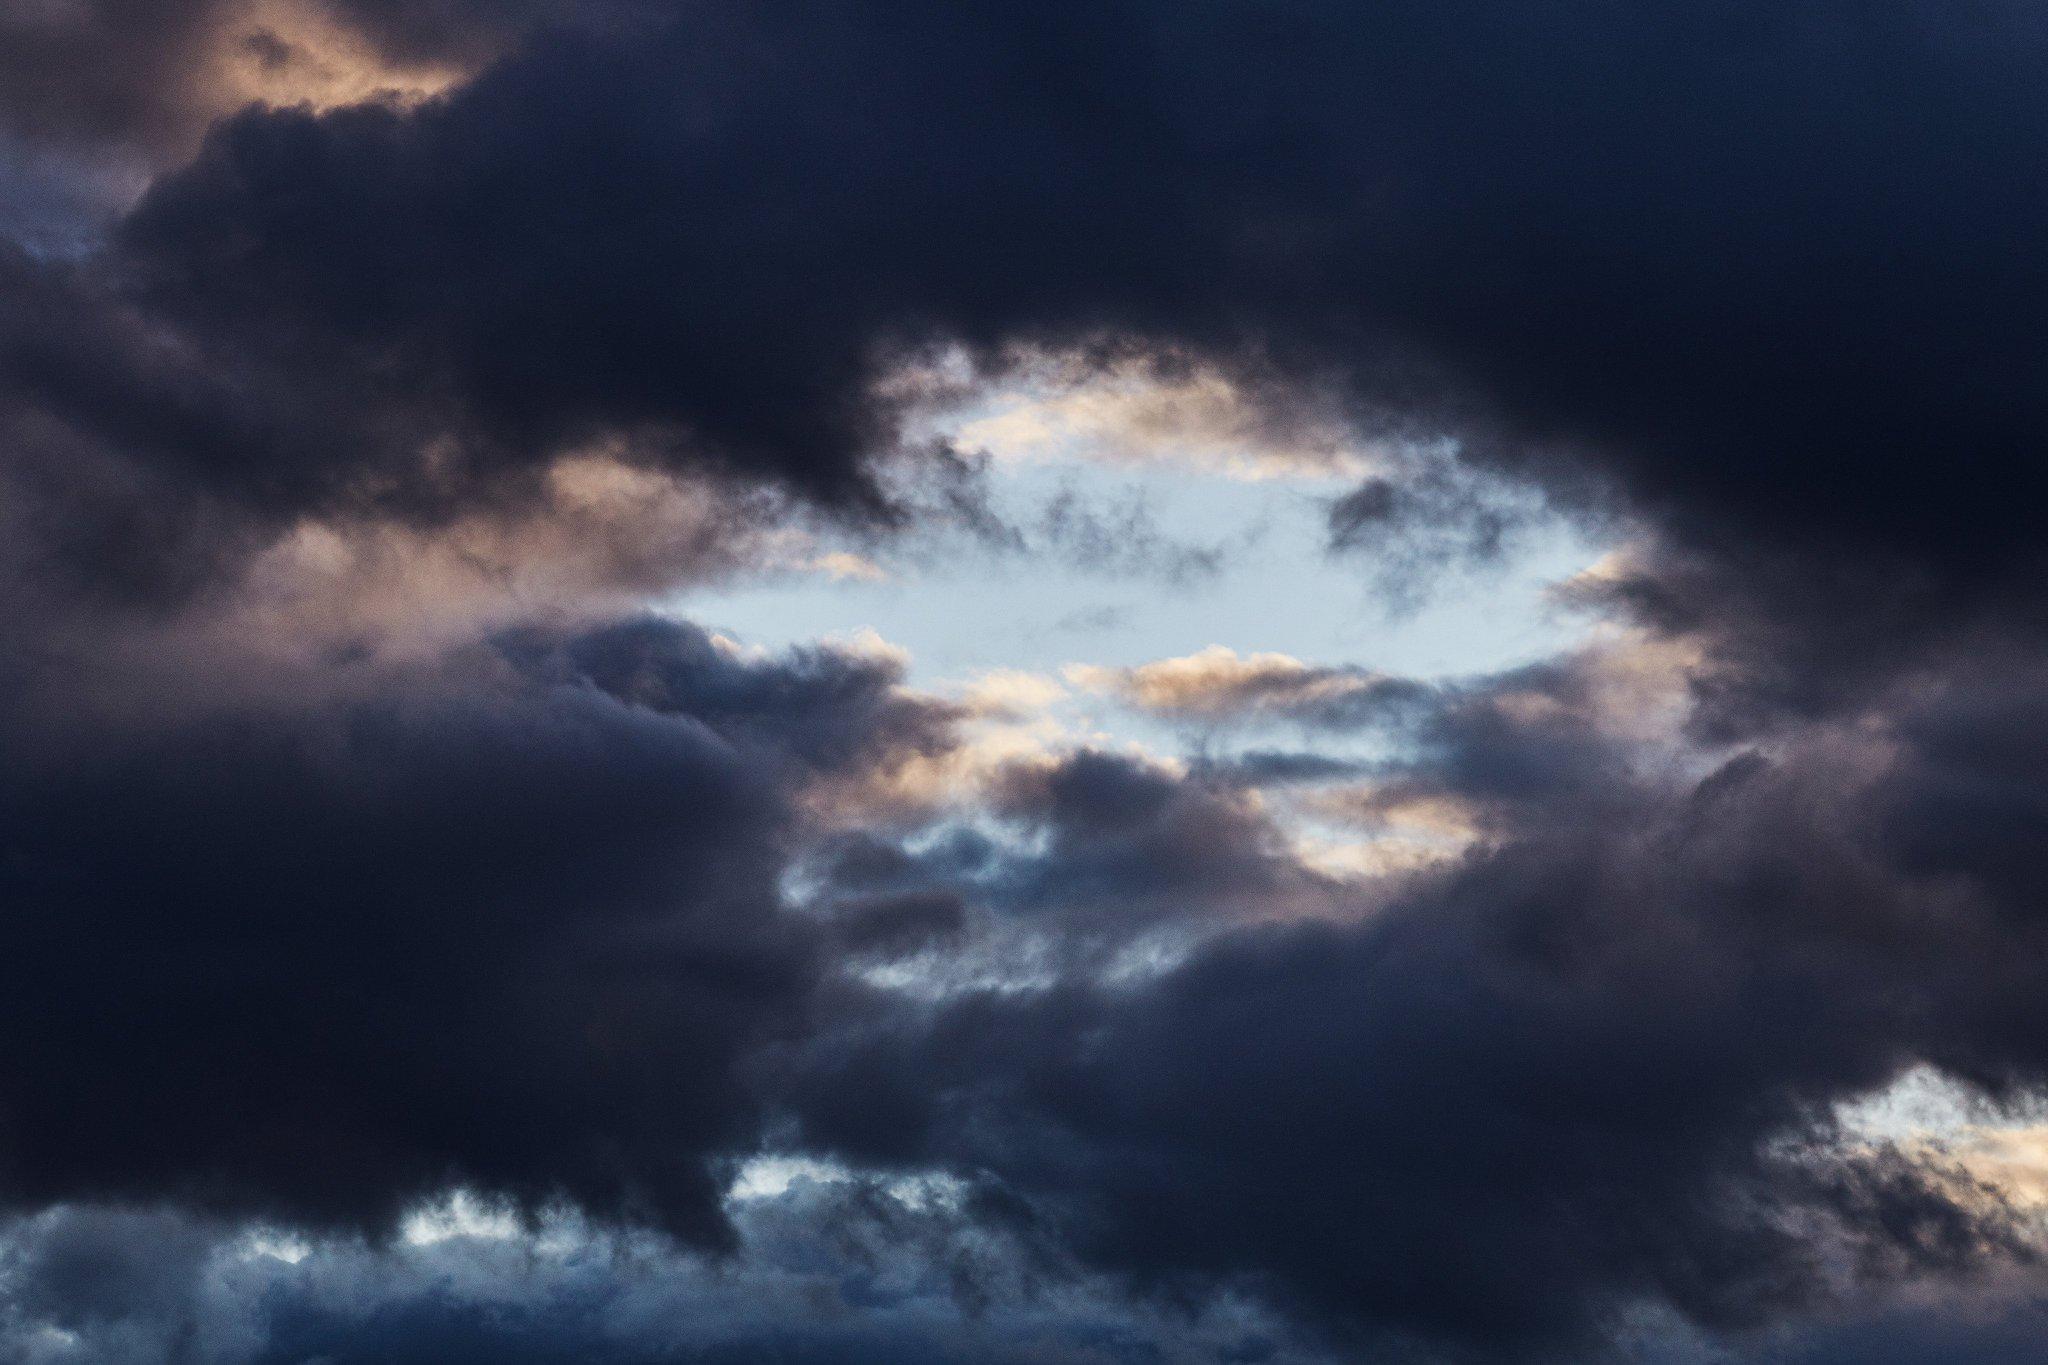 Облака над Золотой Долиной в Приморье, июль 2019 года. Автор фото - Tengyart